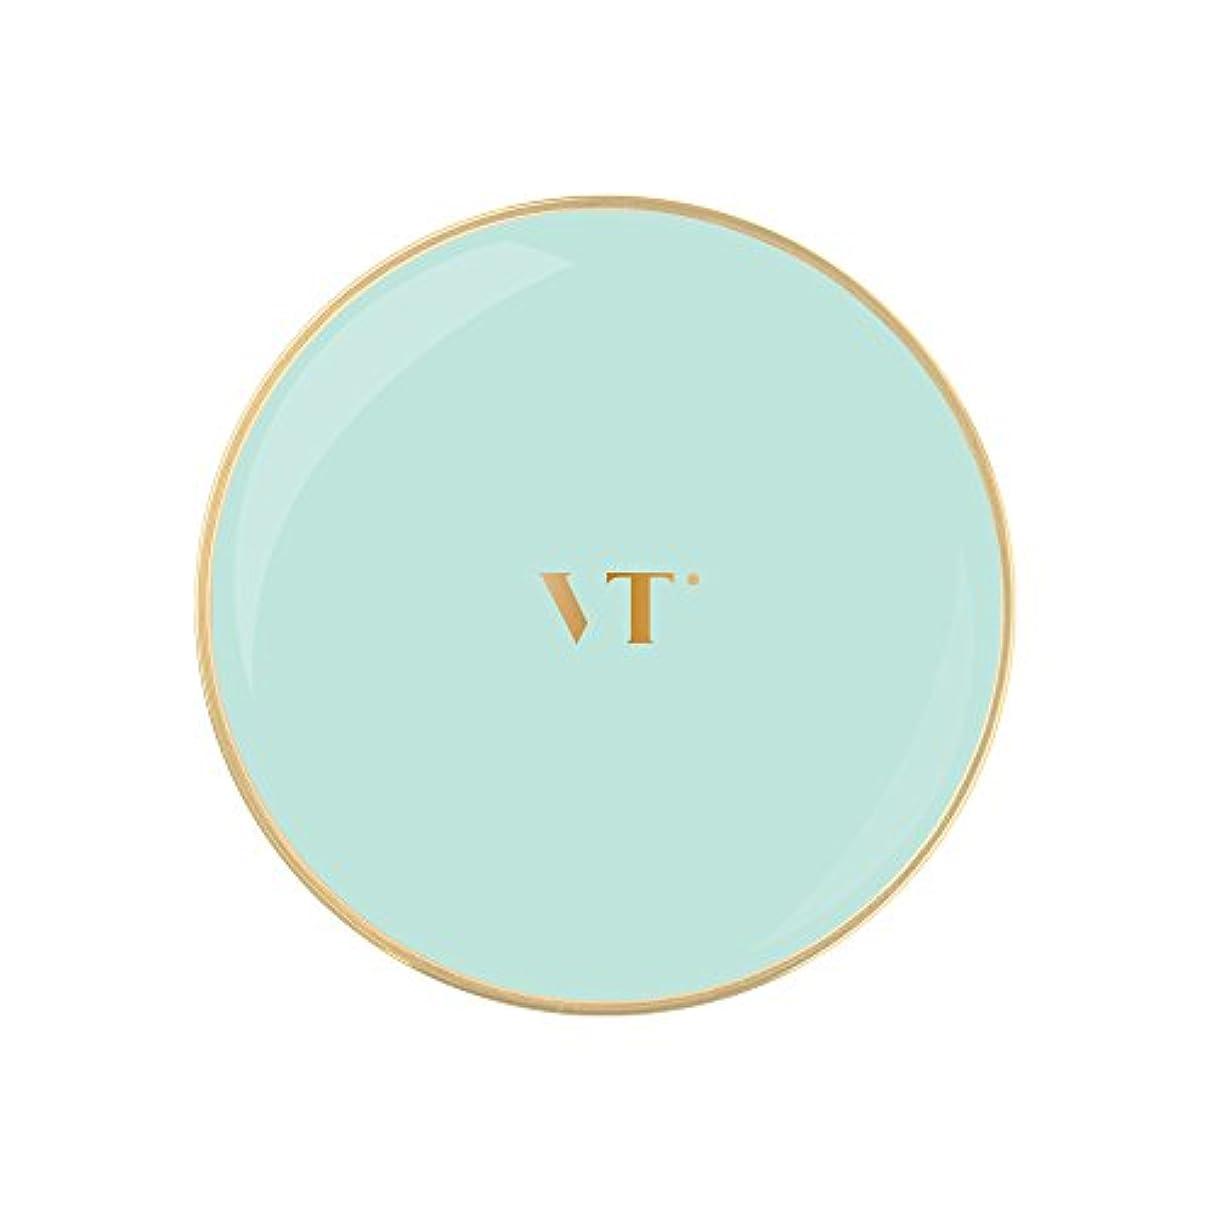 レイ破壊クレジットVT Blue Collagen Pact 11g/ブイティー ブルー コラーゲン パクト 11g (#23) [並行輸入品]